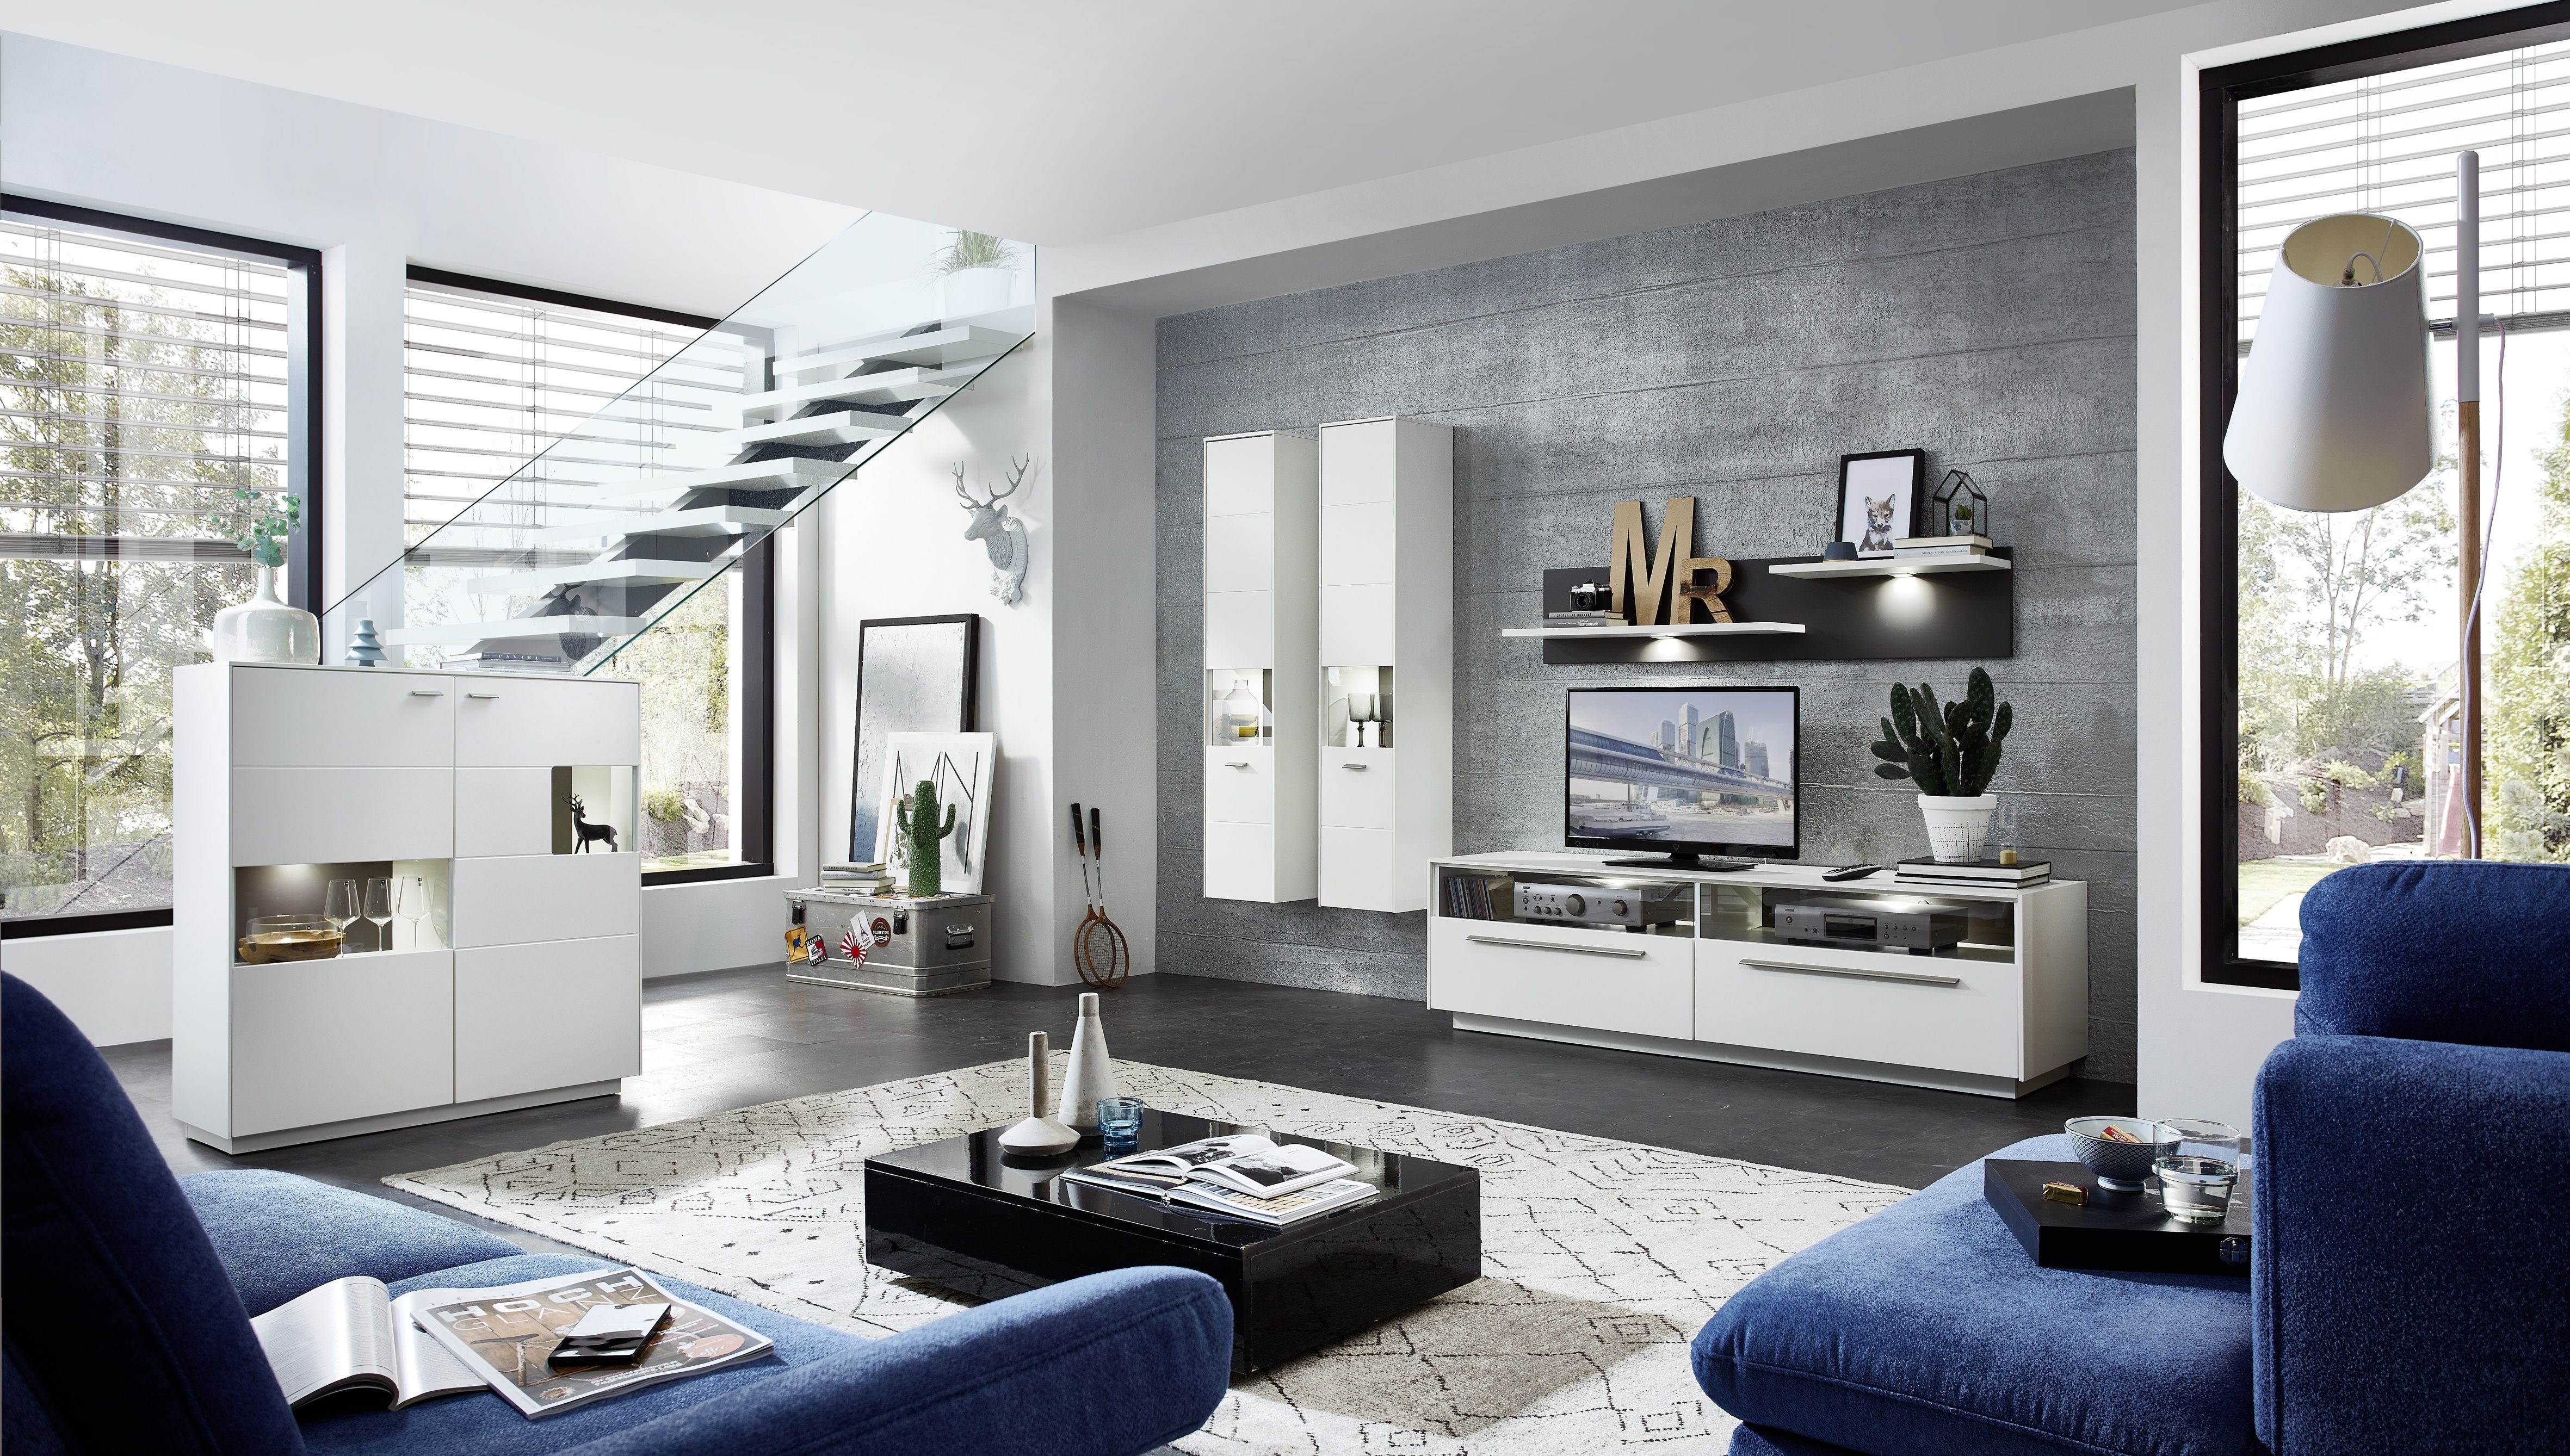 99 wohnzimmer holz grau modern wohnzimmer for Wohninspirationen wohnzimmer